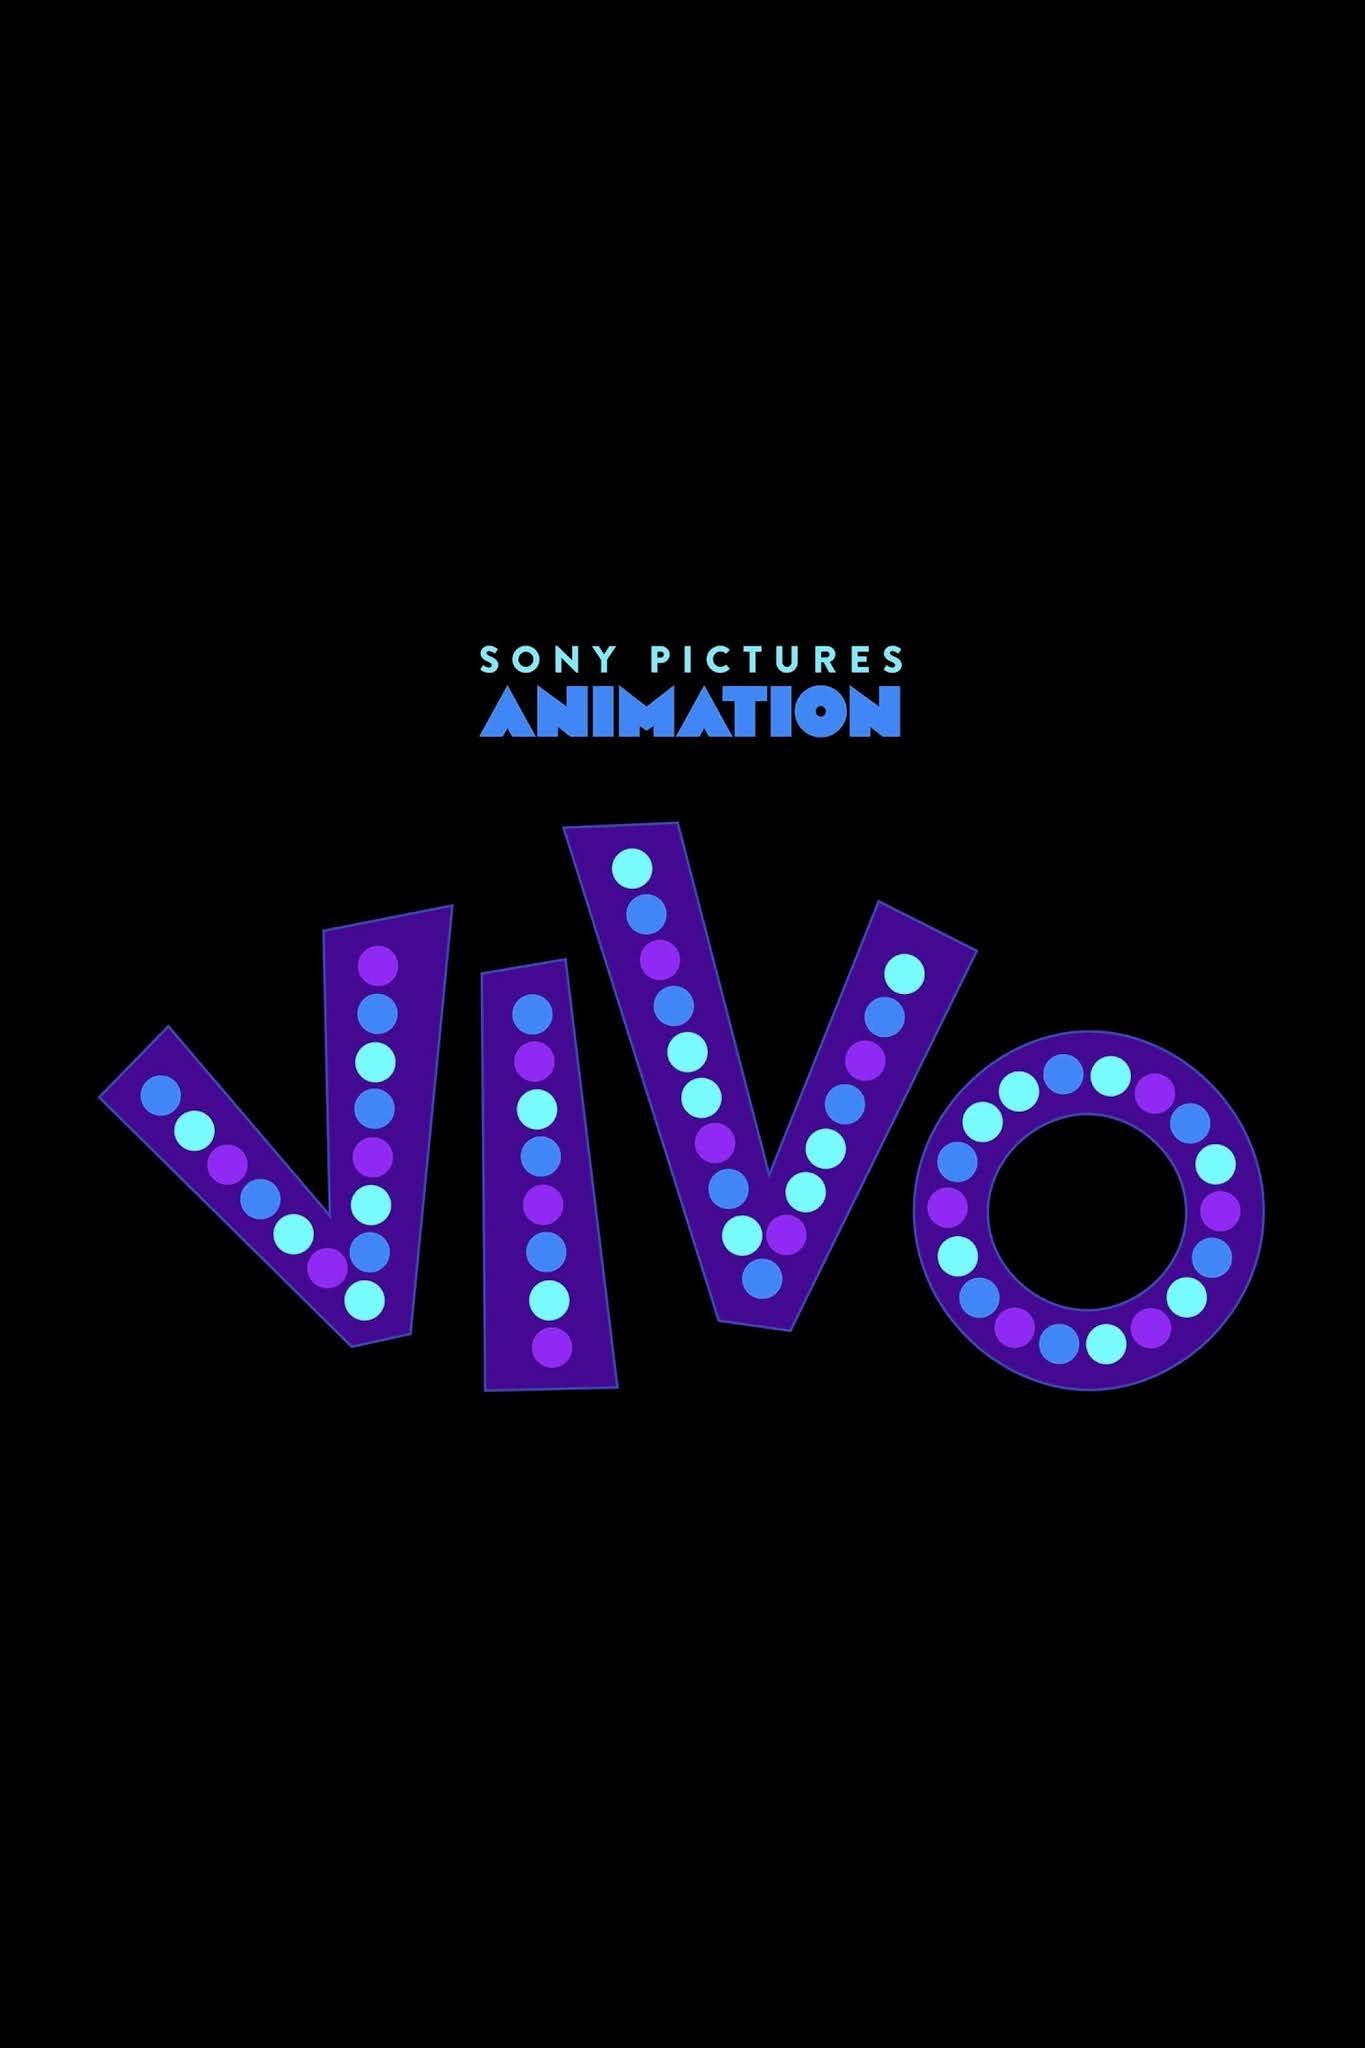 Filem Menarik 2021 - Senarai Filem Tahun 2021